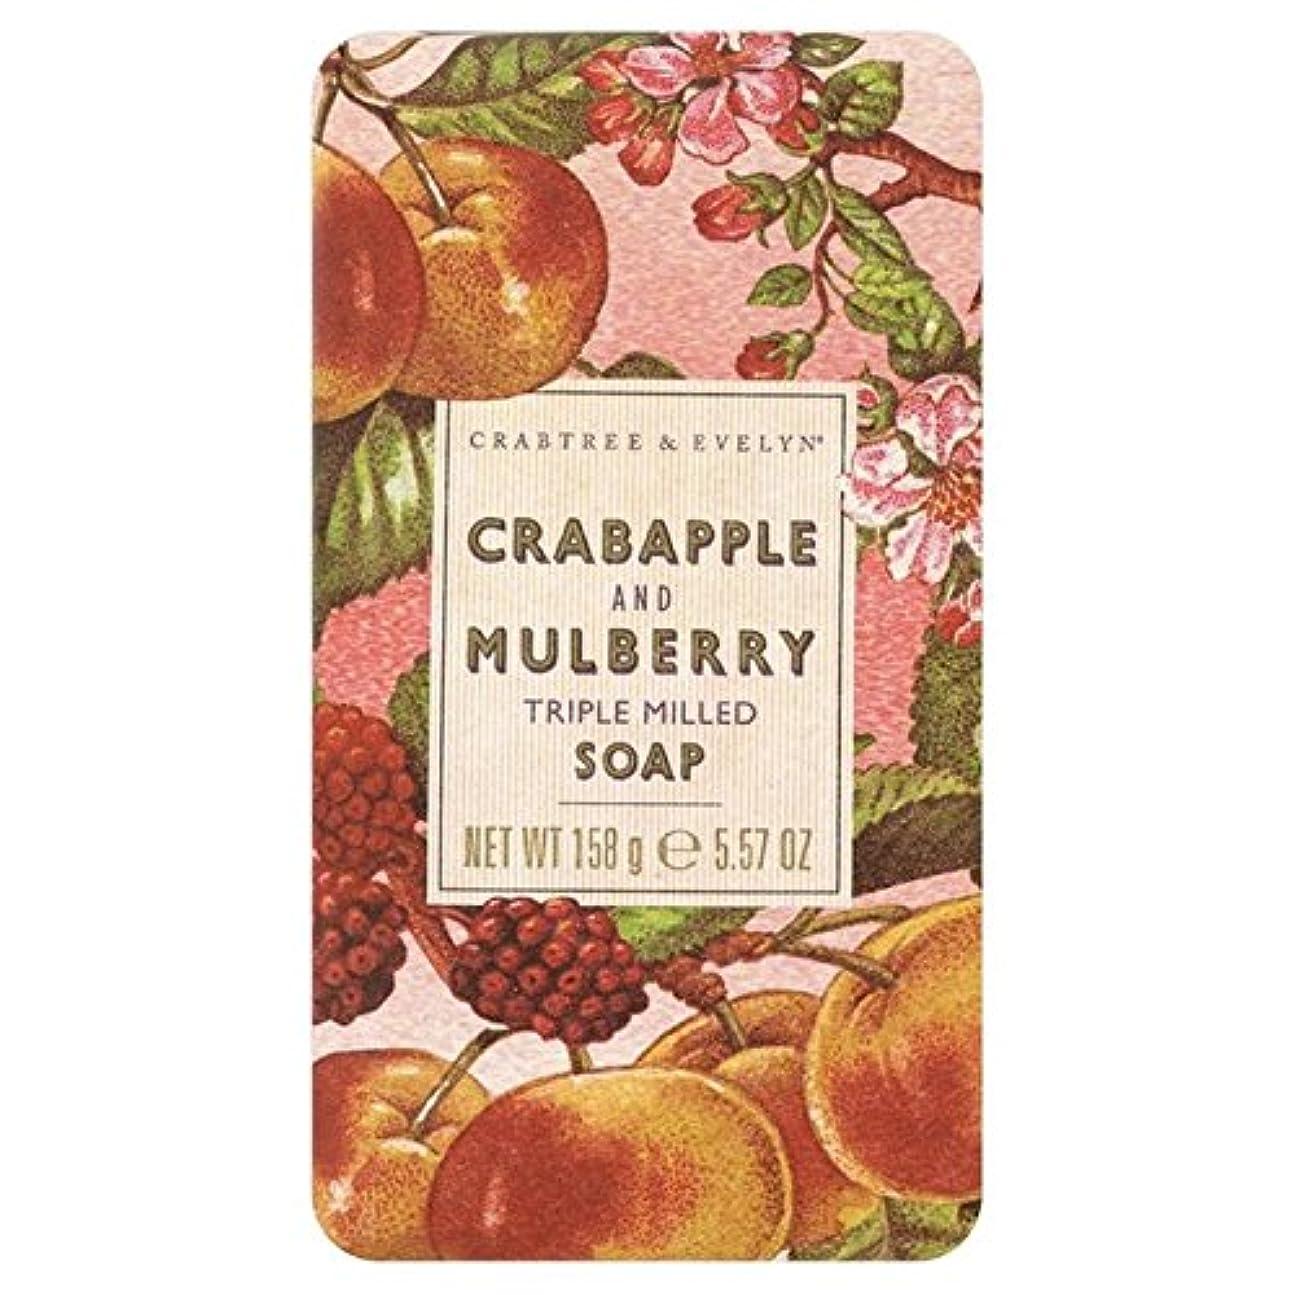 リフト教育学生物学クラブツリー&イヴリンと桑遺産石鹸150グラム x4 - Crabtree & Evelyn Crabapple and Mulberry Heritage Soap 150g (Pack of 4) [並行輸入品]